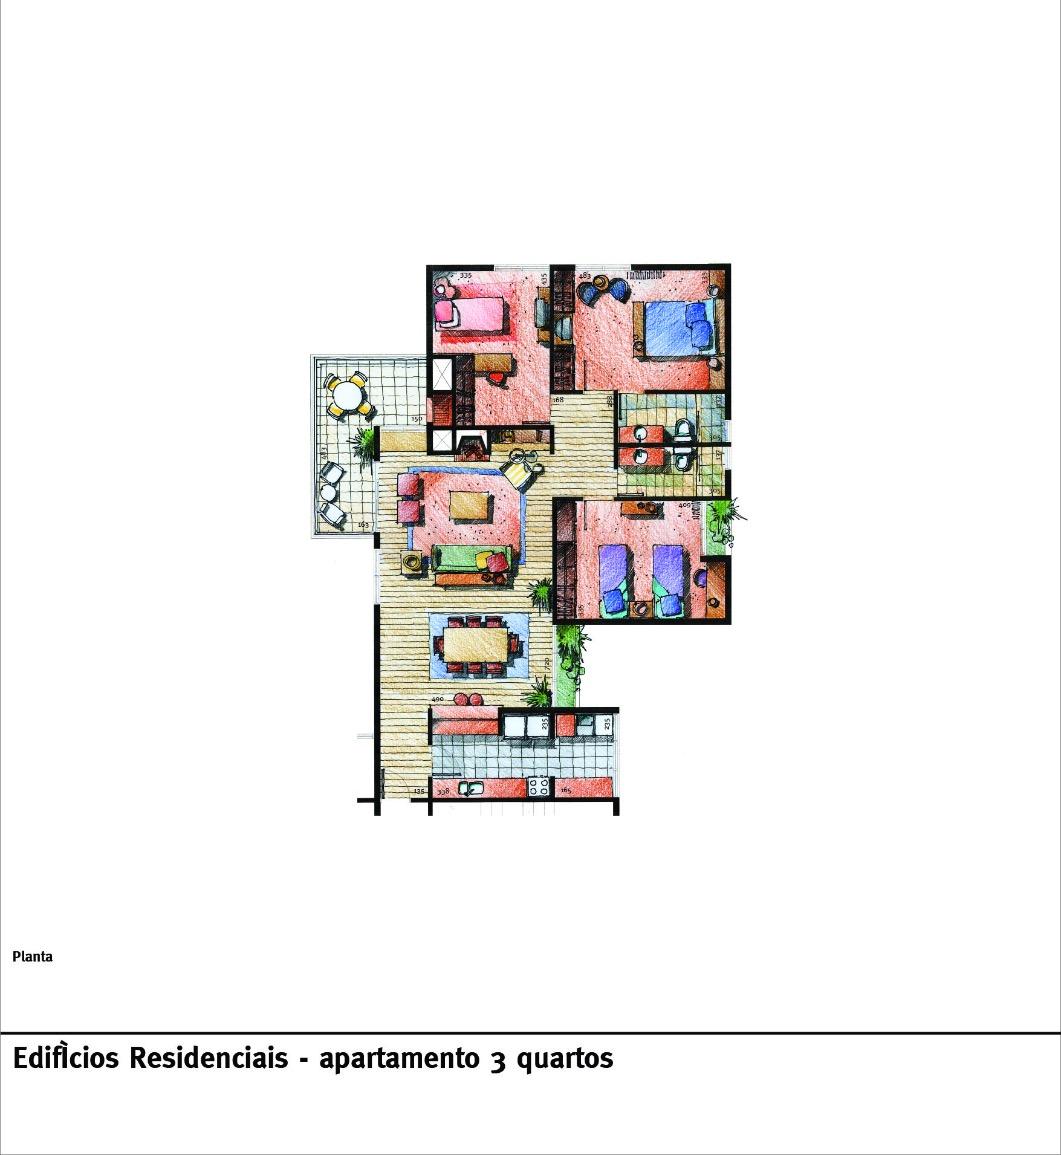 U030-caderno-final_ER01com_edited